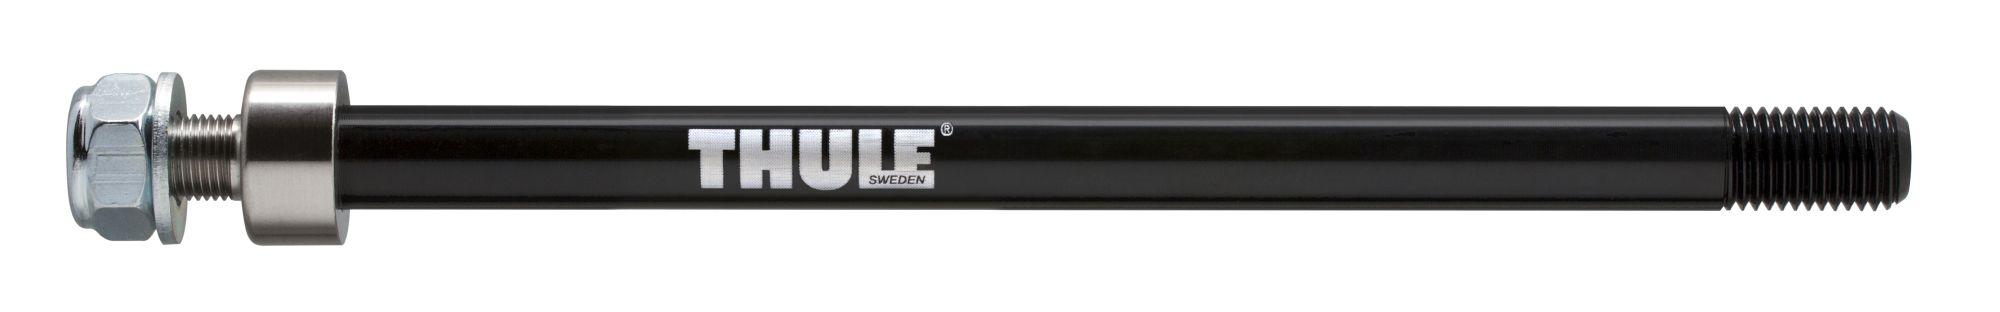 laufräder: Thule  Achsadapter für Hinterachse Thru Axle 162-174 mm (M12X1.0) Black